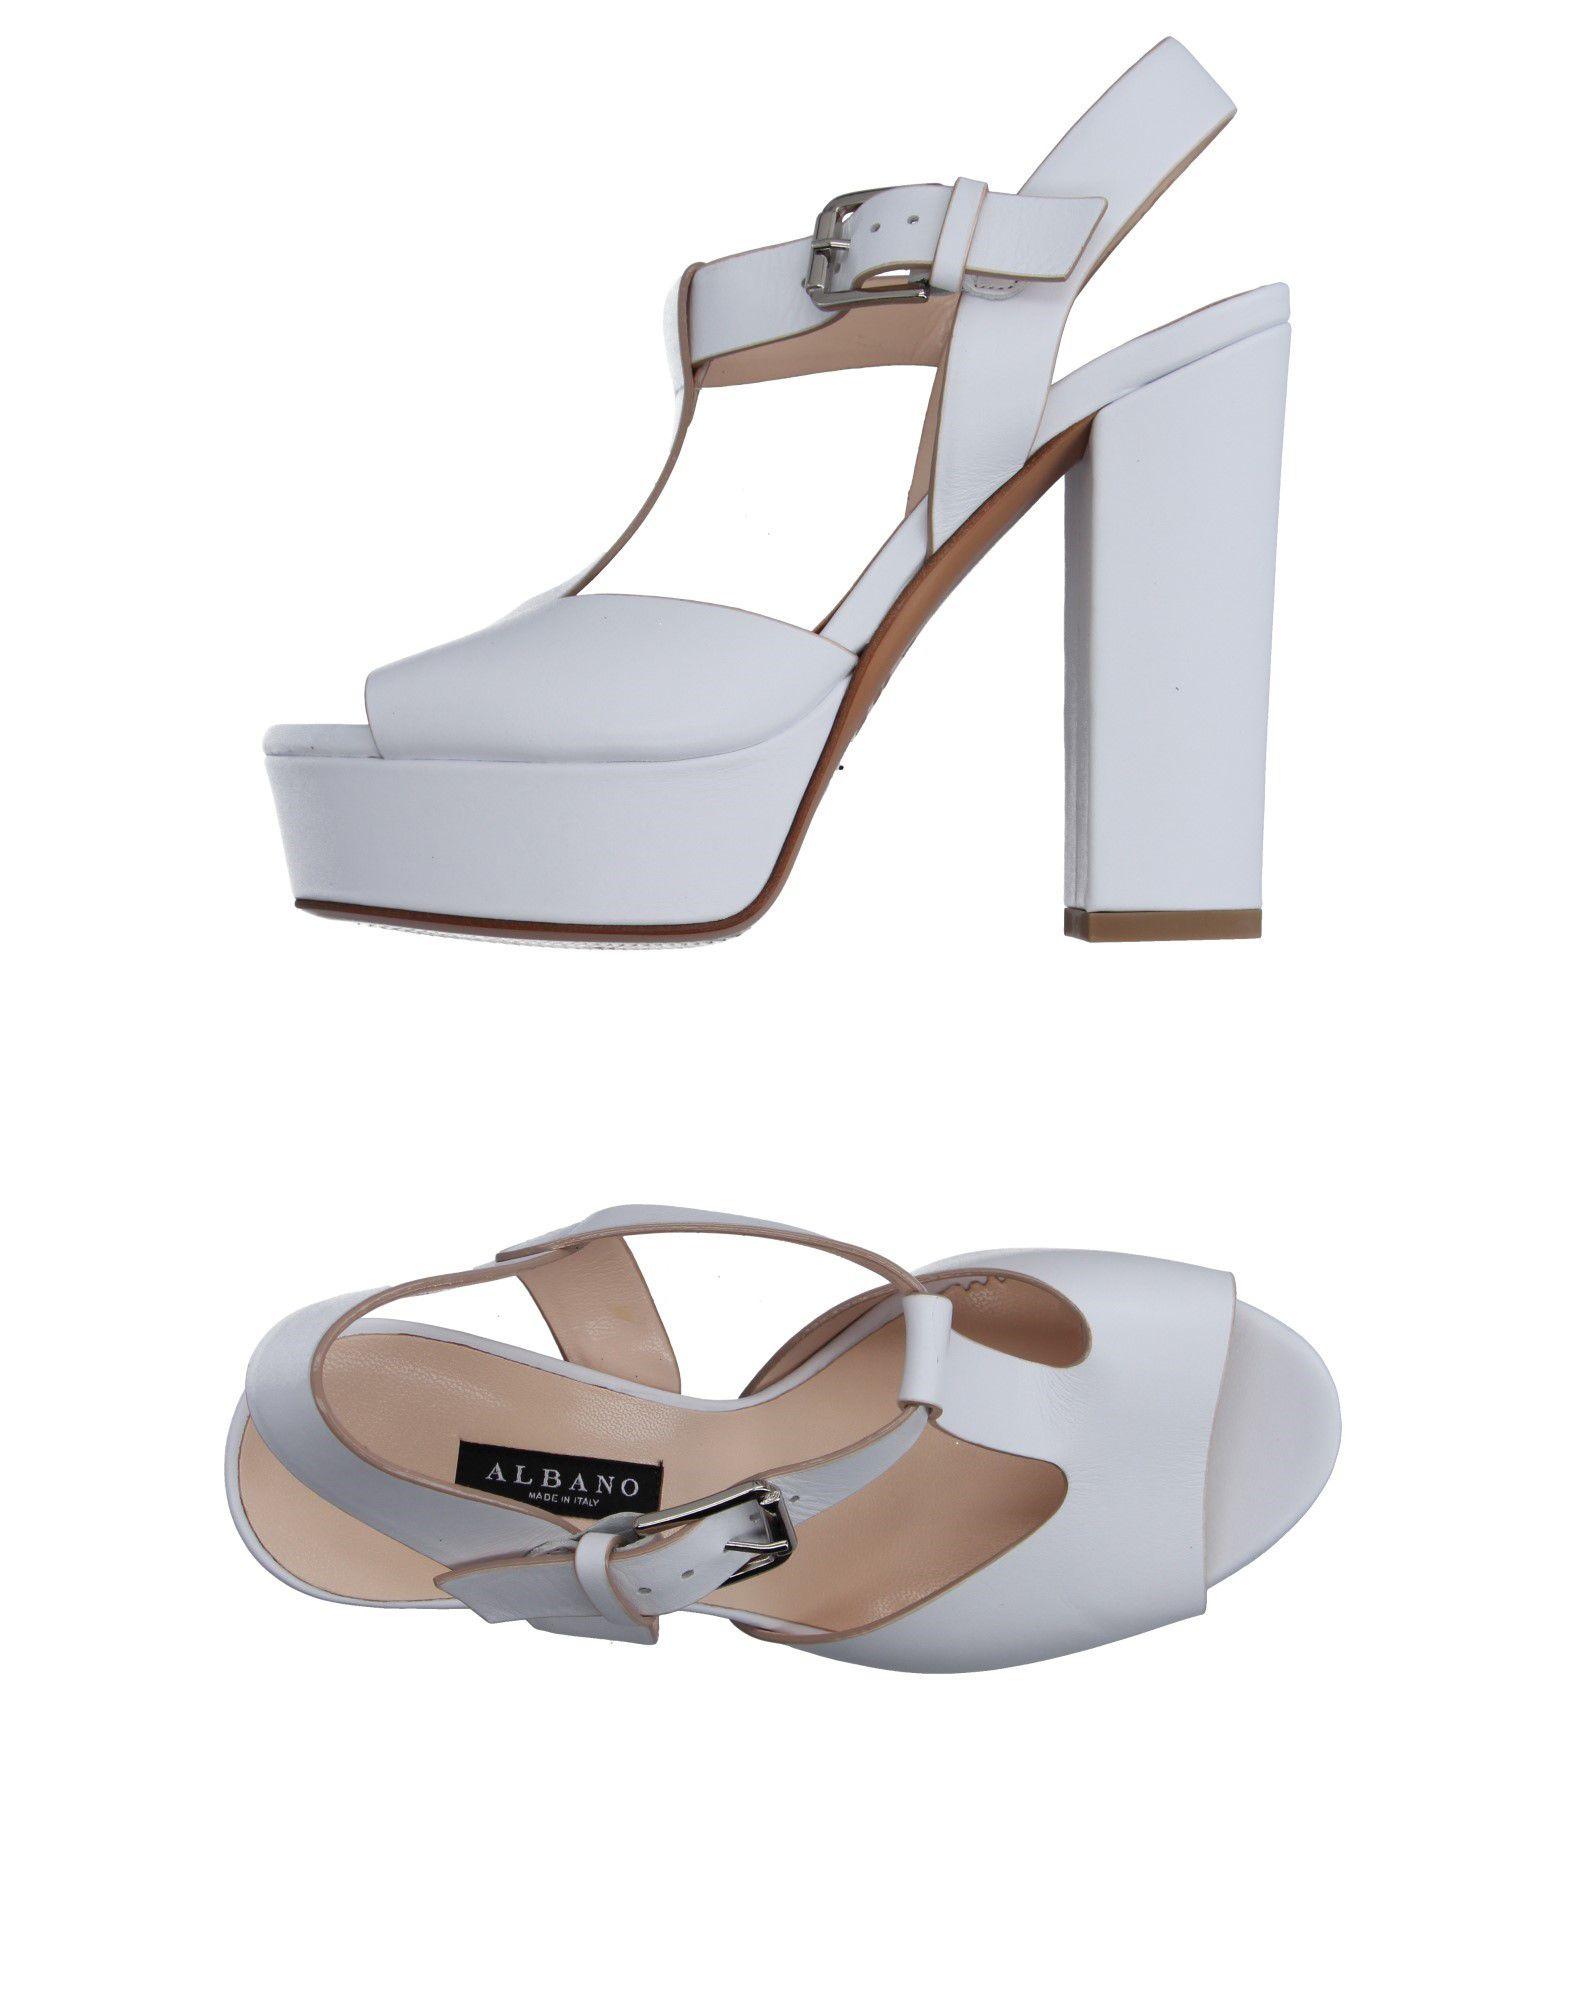 Albano Sandalen Damen  11117838ET Schuhe Gute Qualität beliebte Schuhe 11117838ET e77657